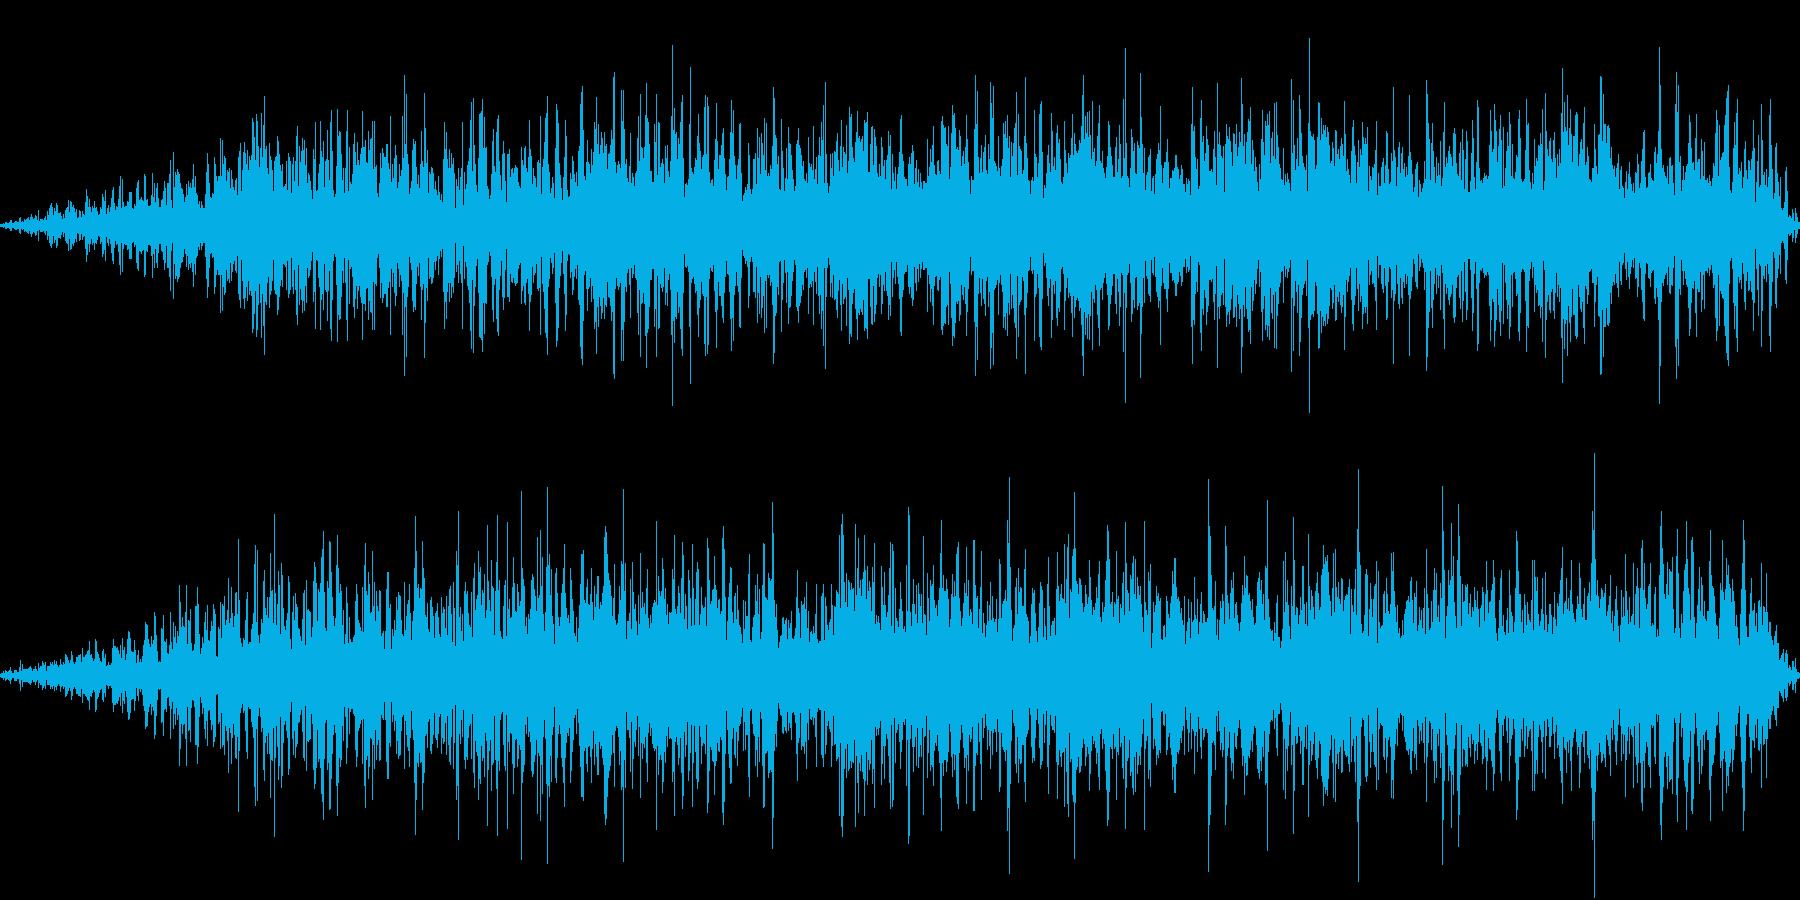 無機的なアンビエントです。の再生済みの波形